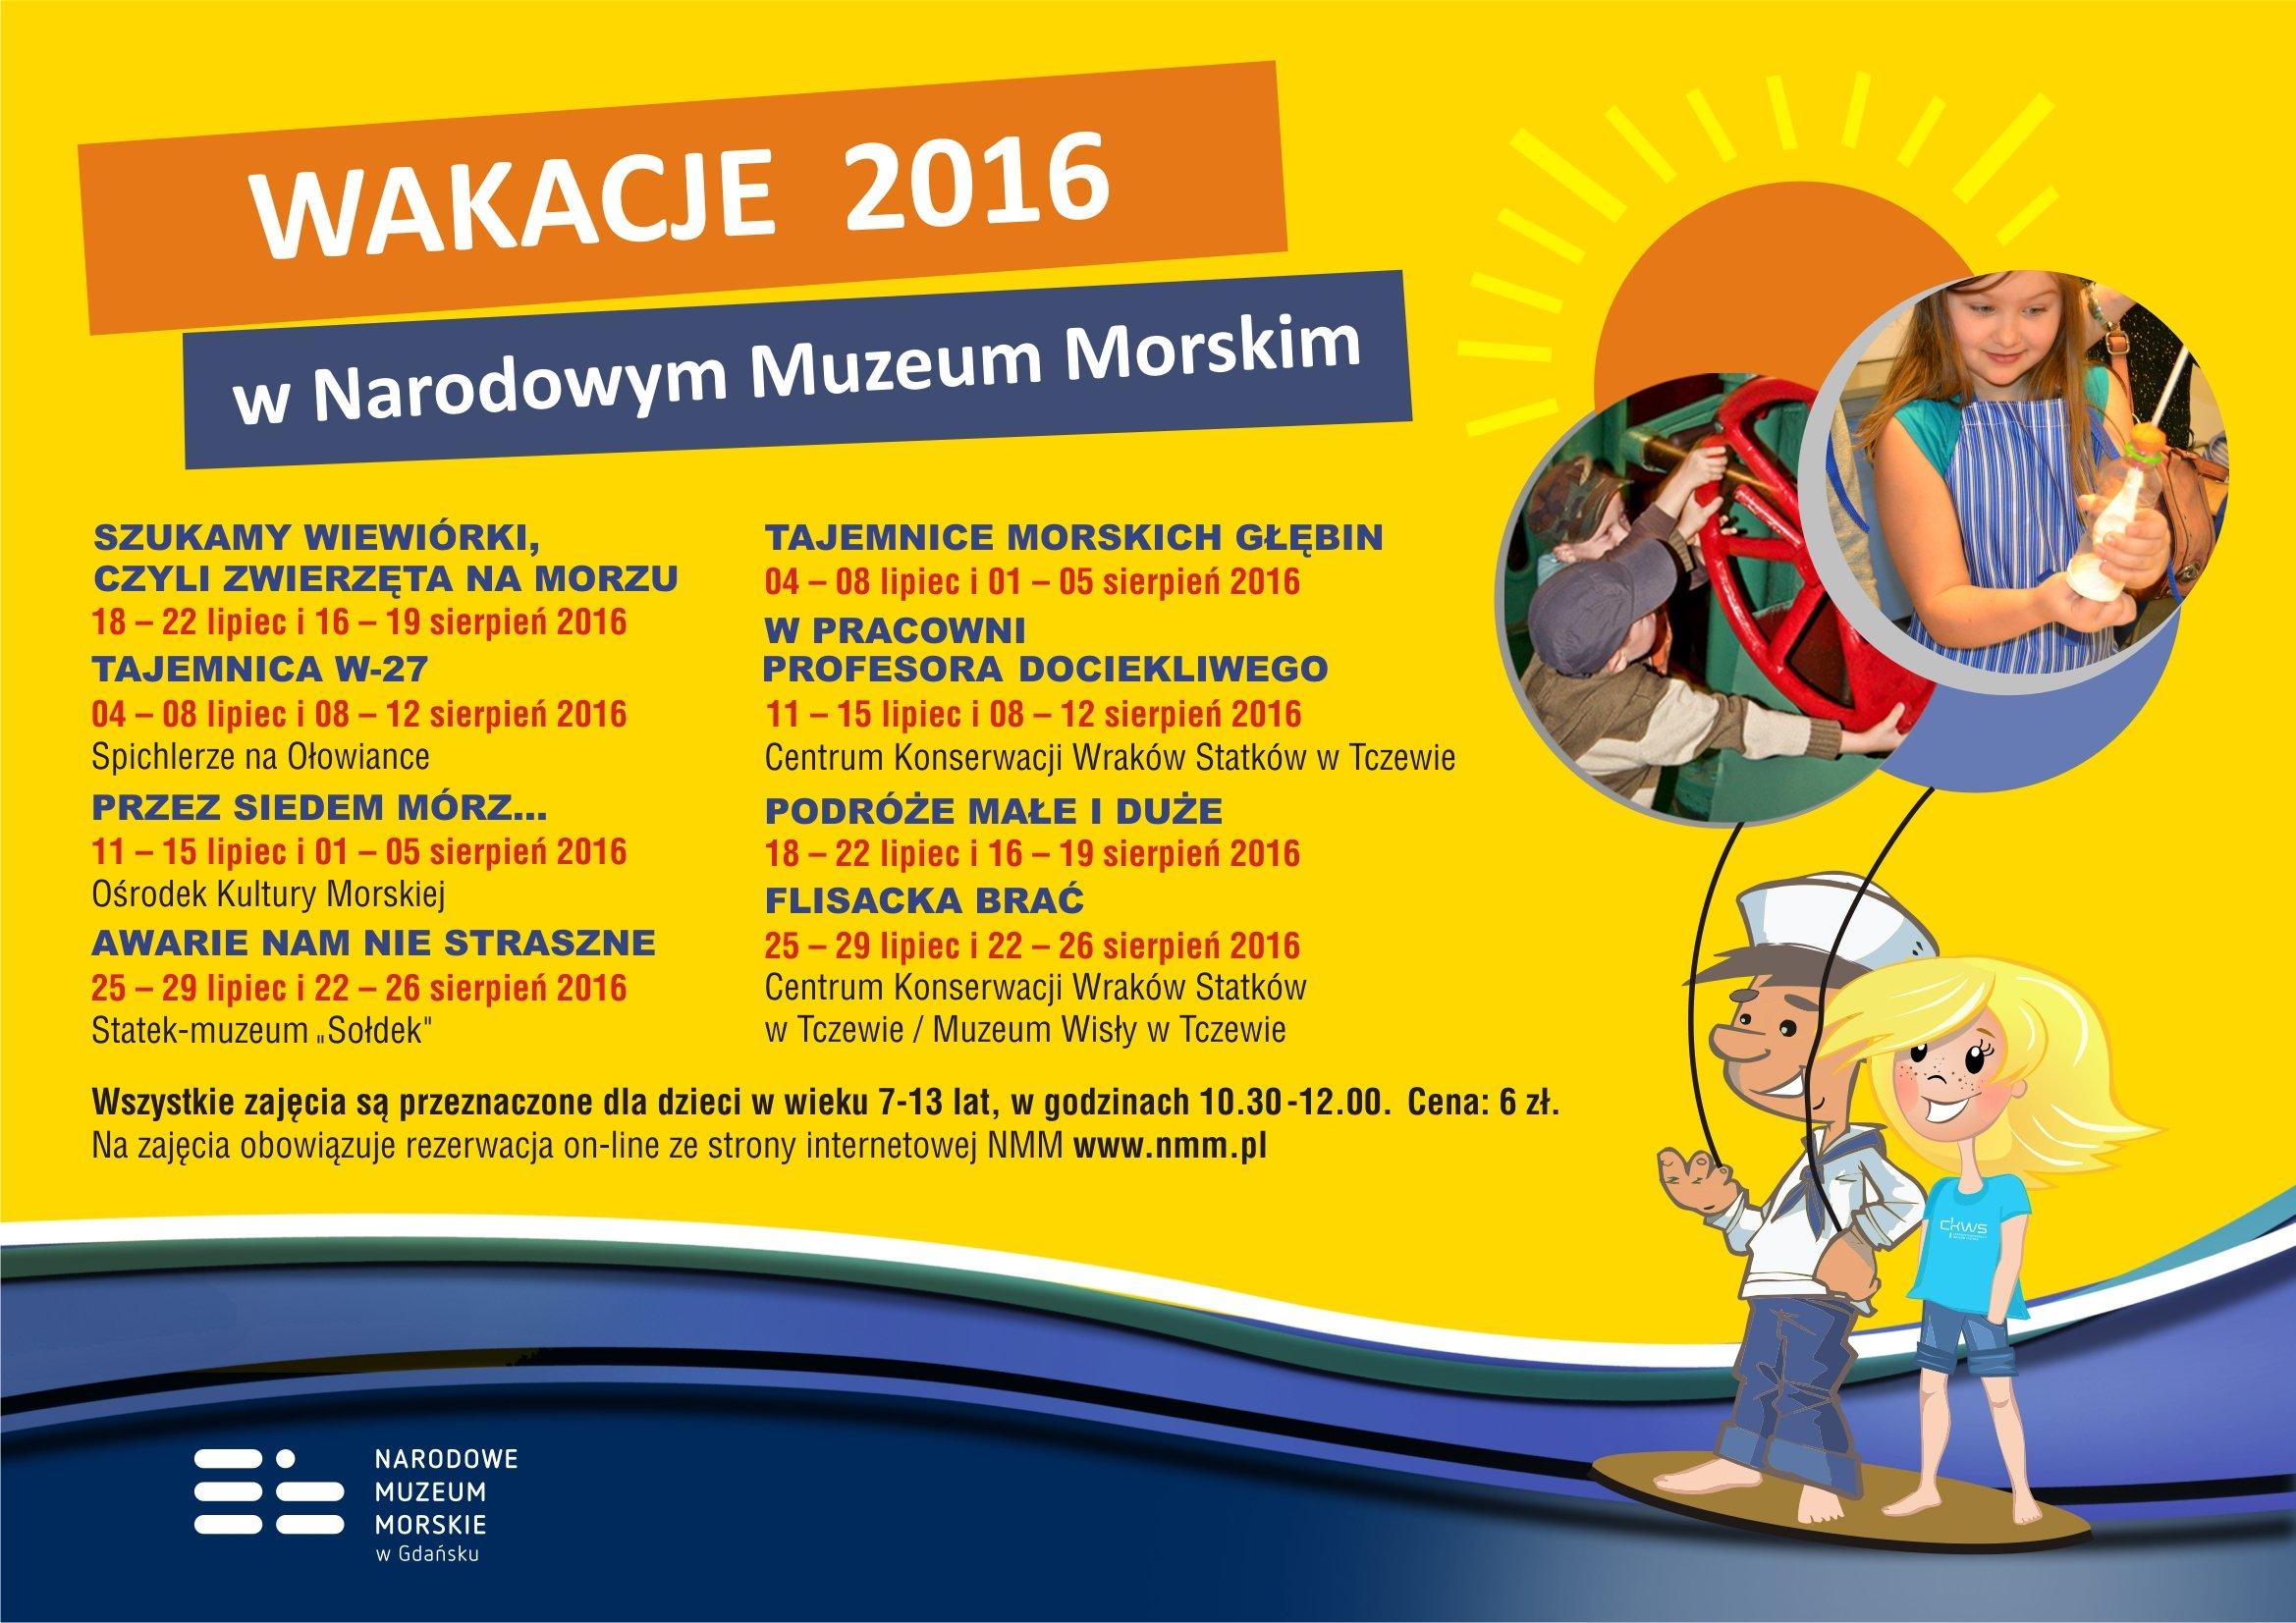 Wakacje2016poziom muzeum Narodowe w gdańsku